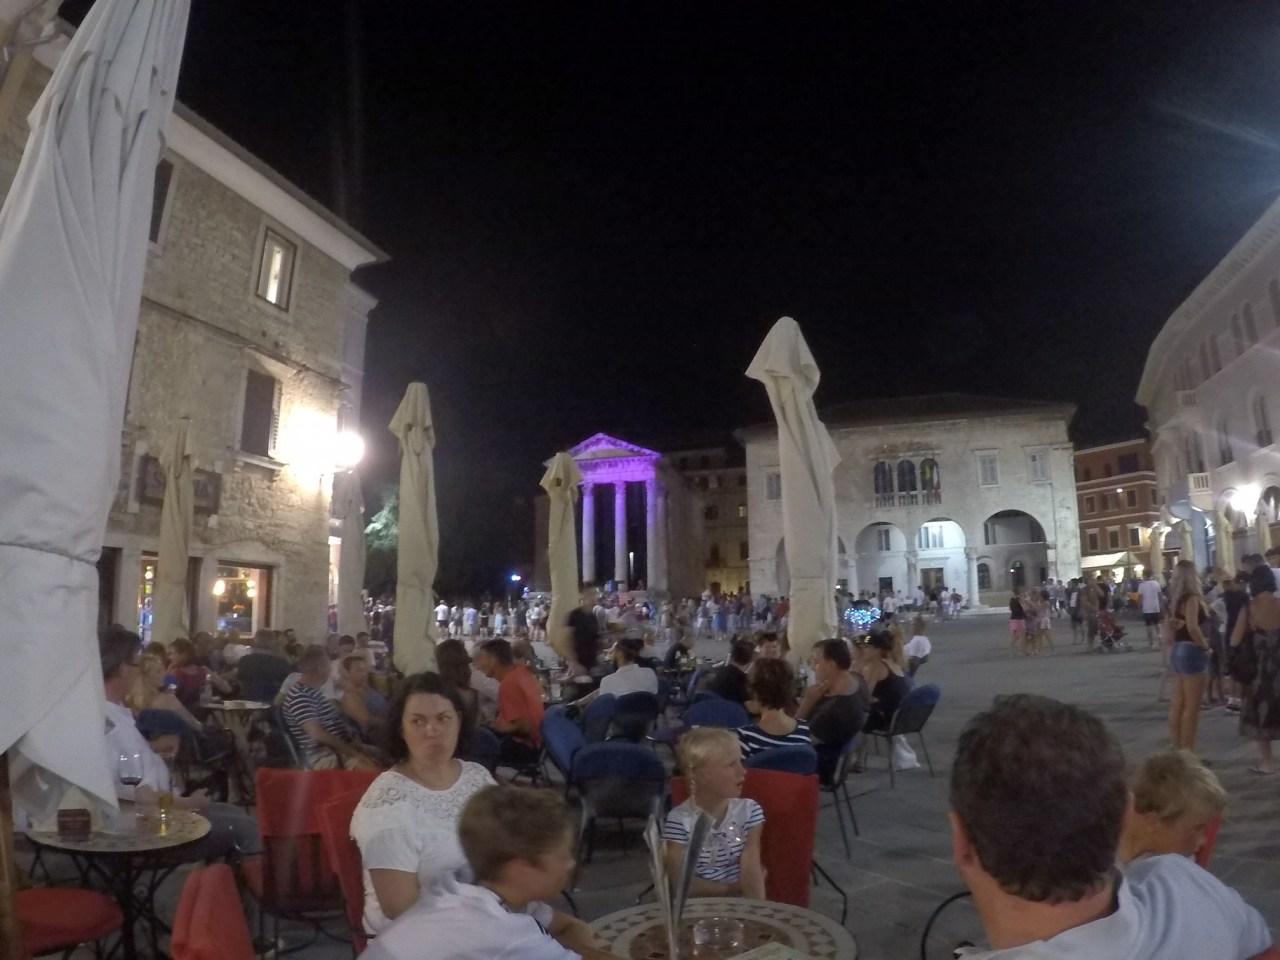 Pula main square at night